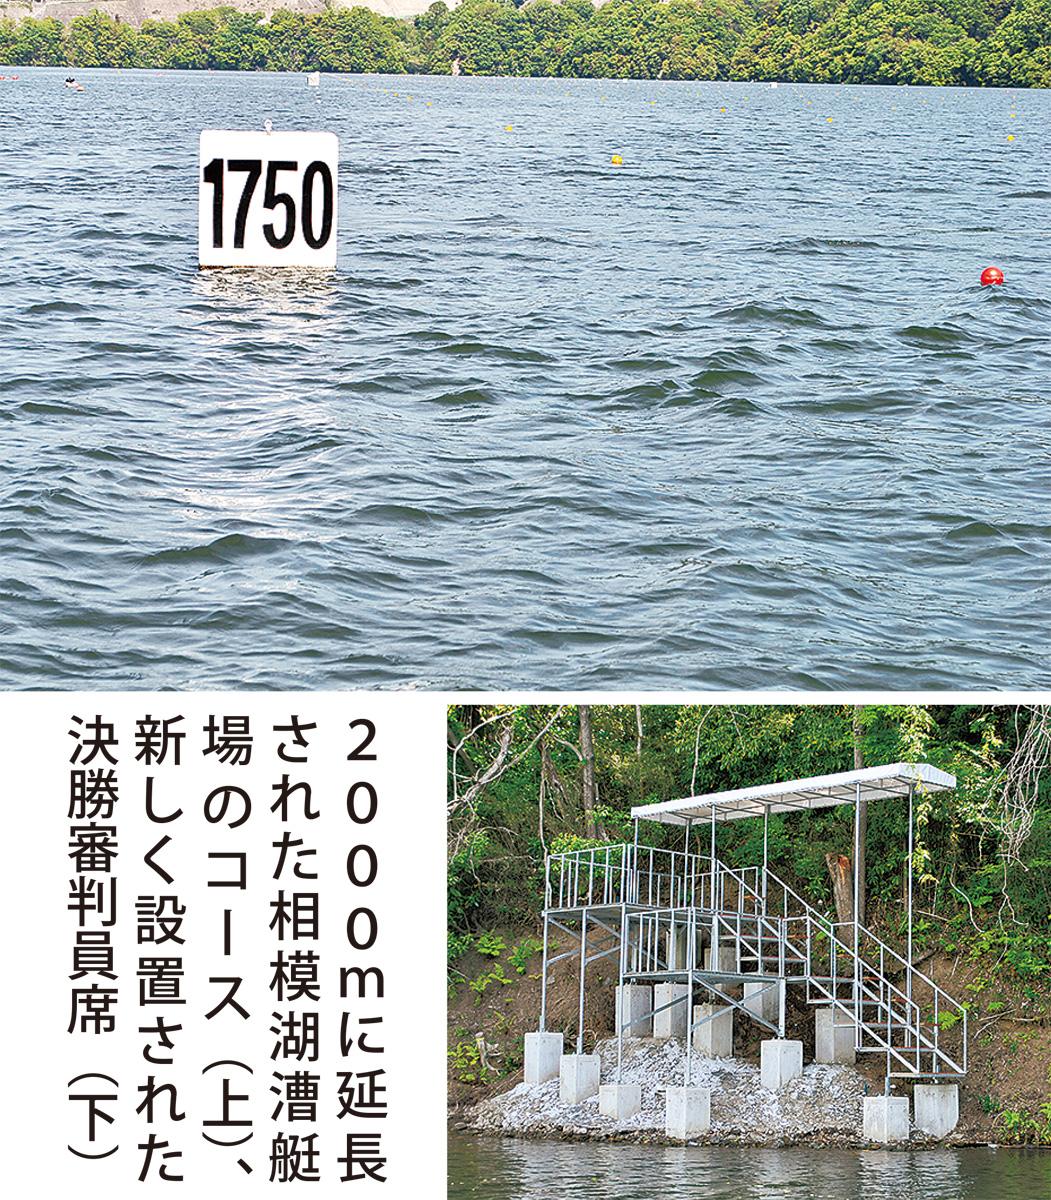 相模湖 東京 五輪